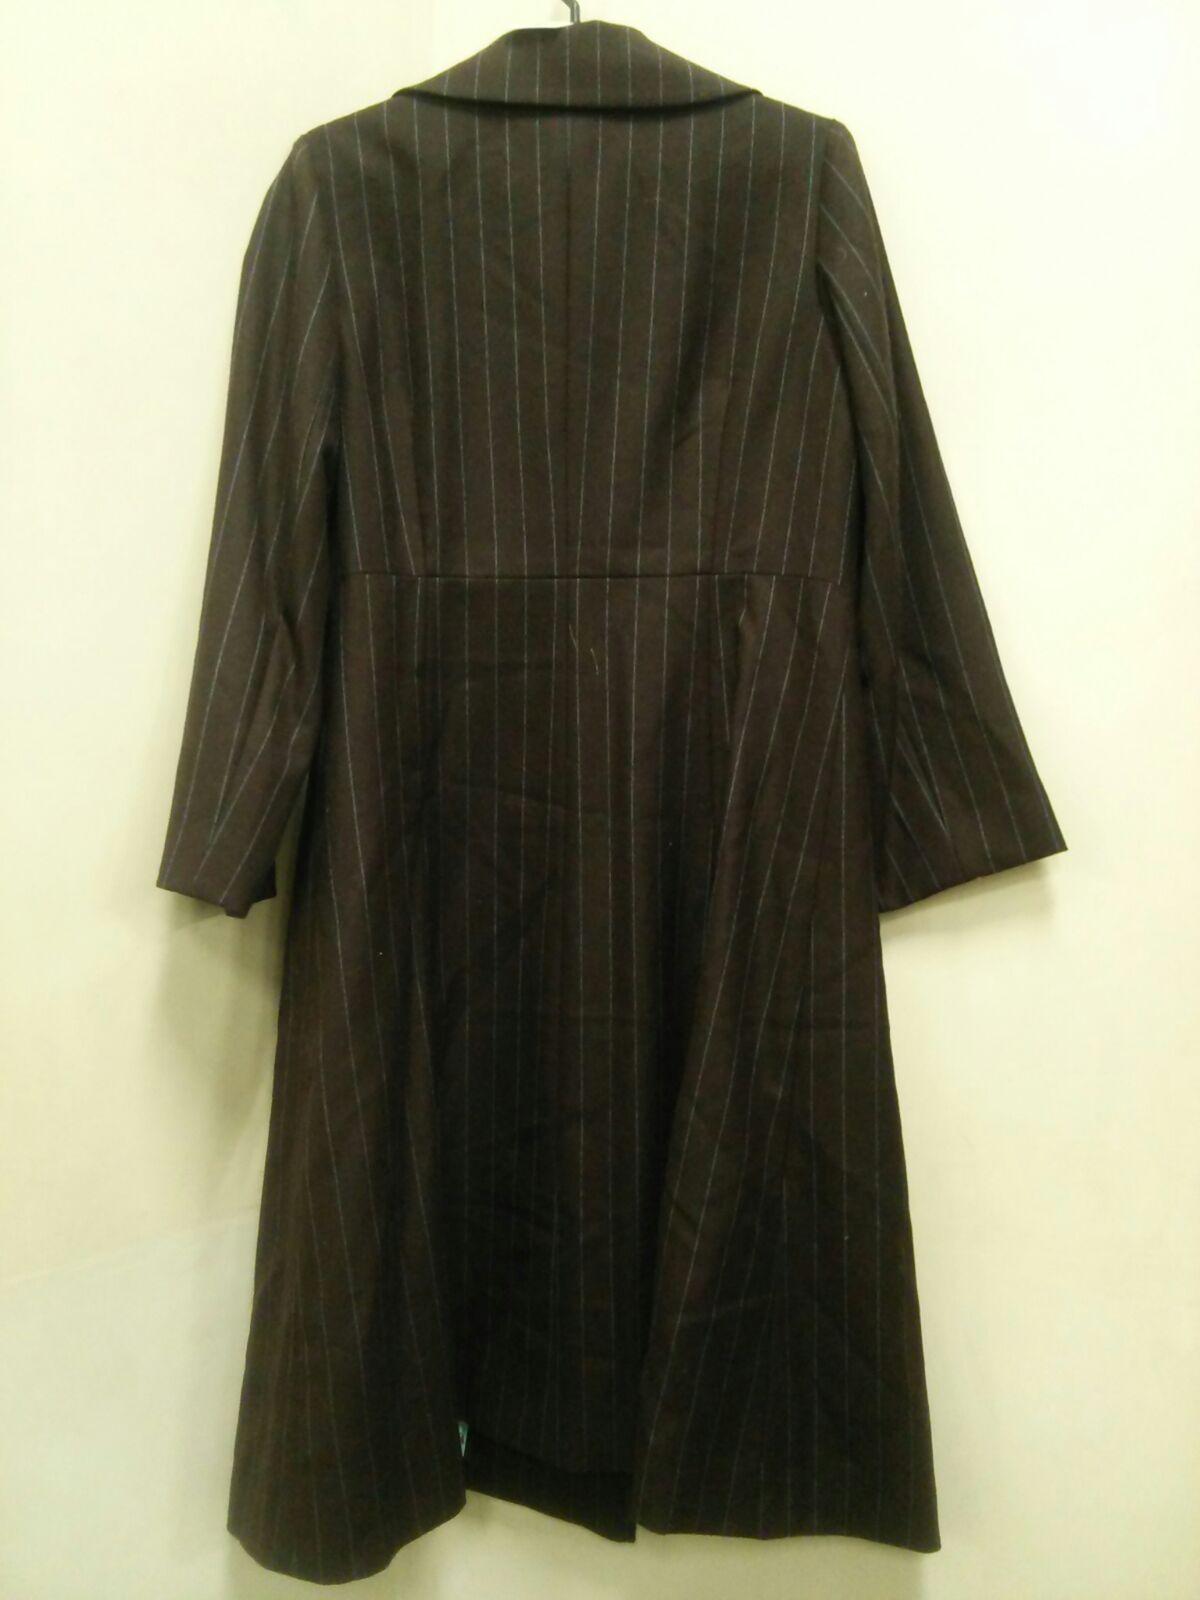 machiko jinto(マチコジント)のコート